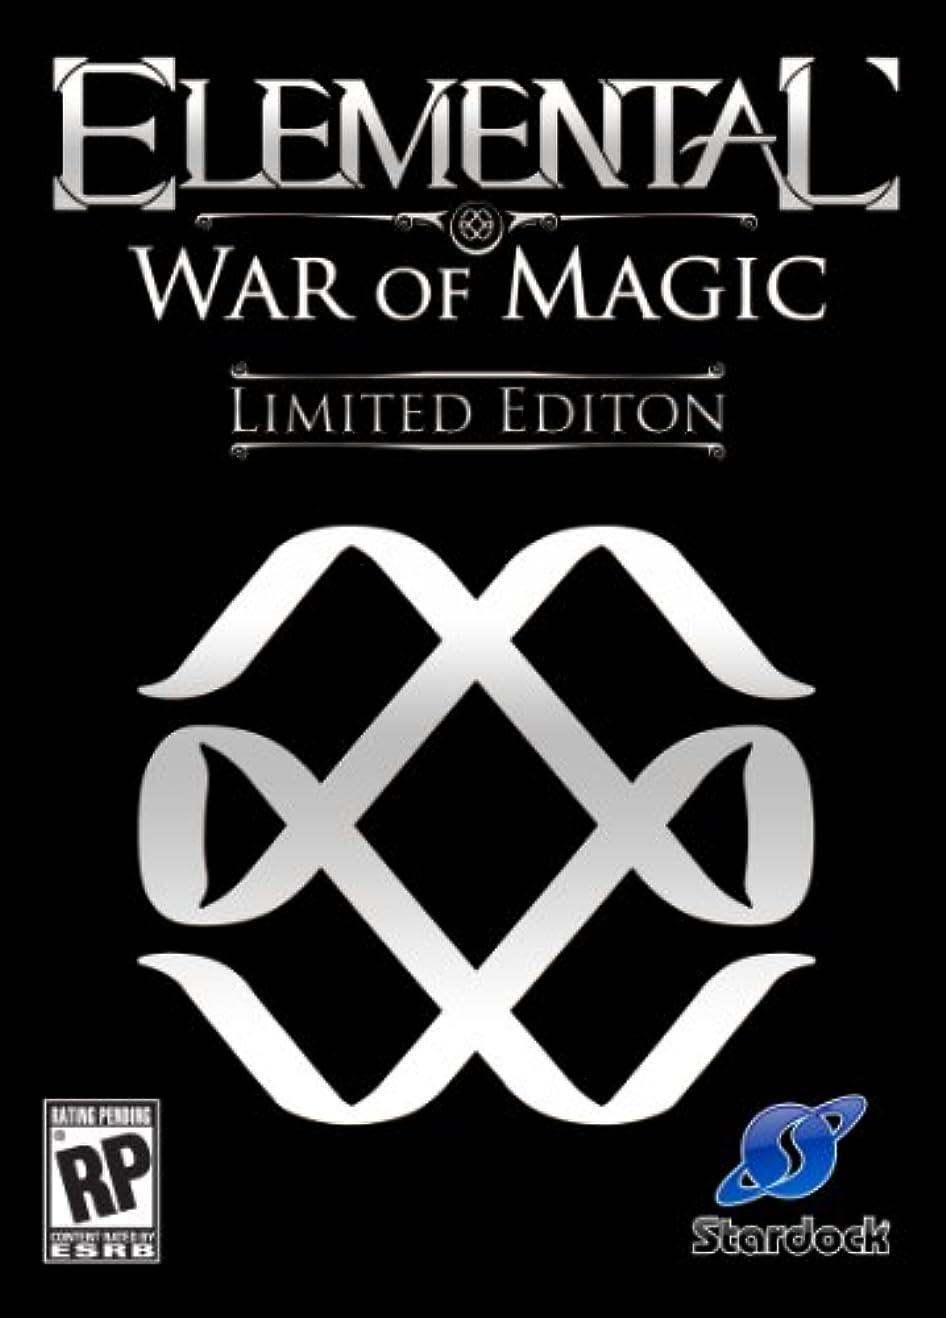 アテンダントなめるワーディアンケースElemental Limited Edition (輸入版)